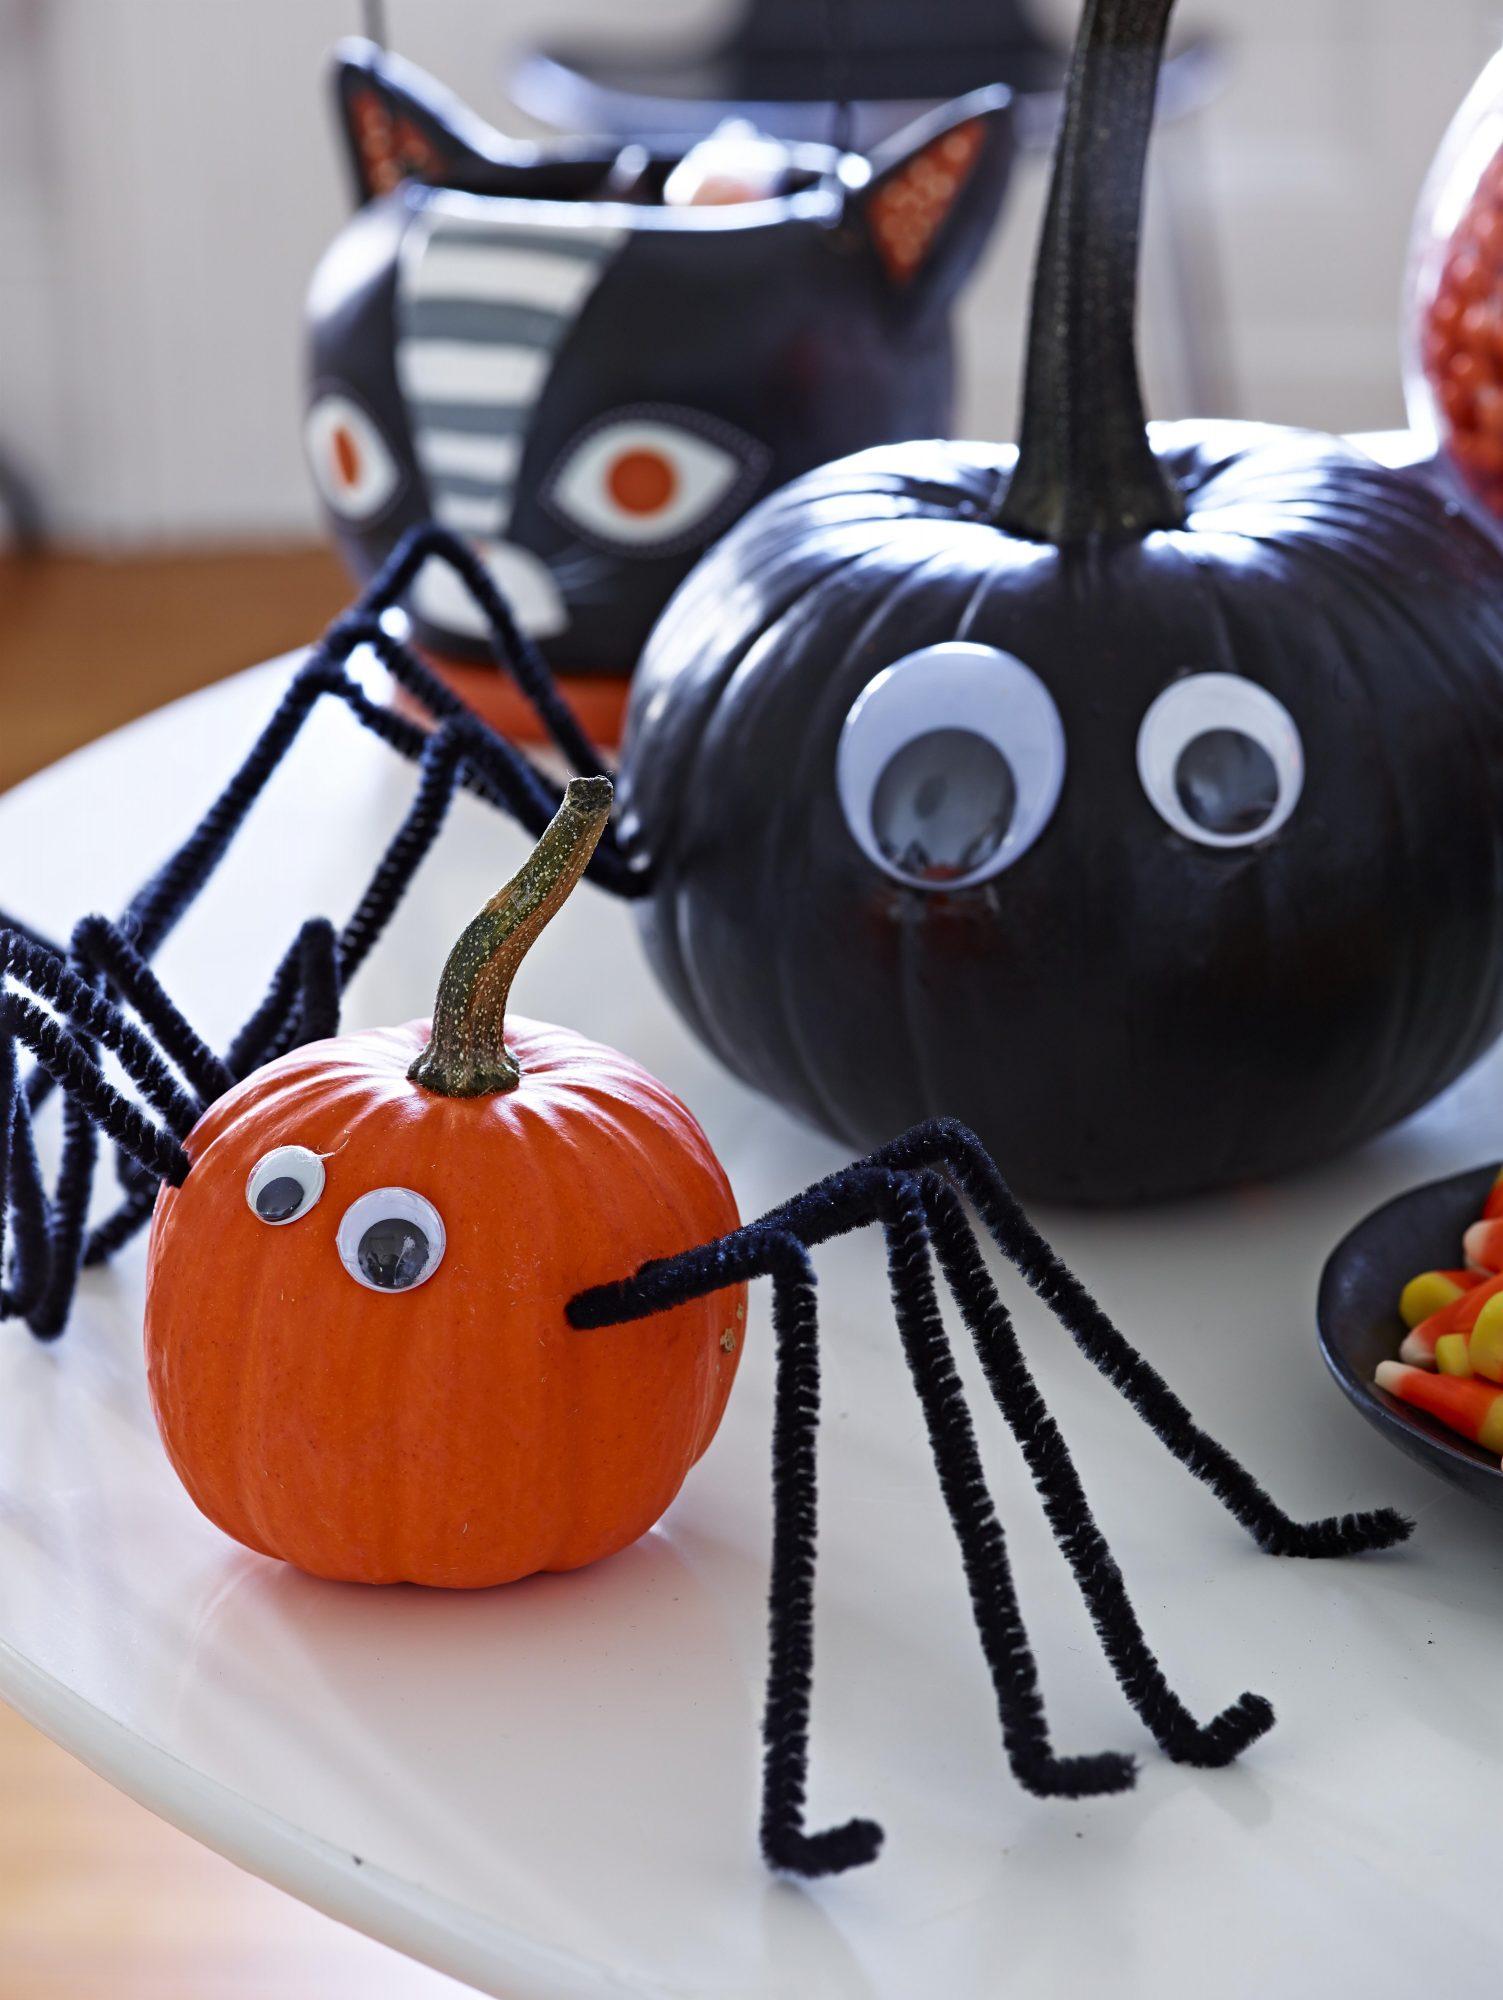 Spider Pumpkin decorating